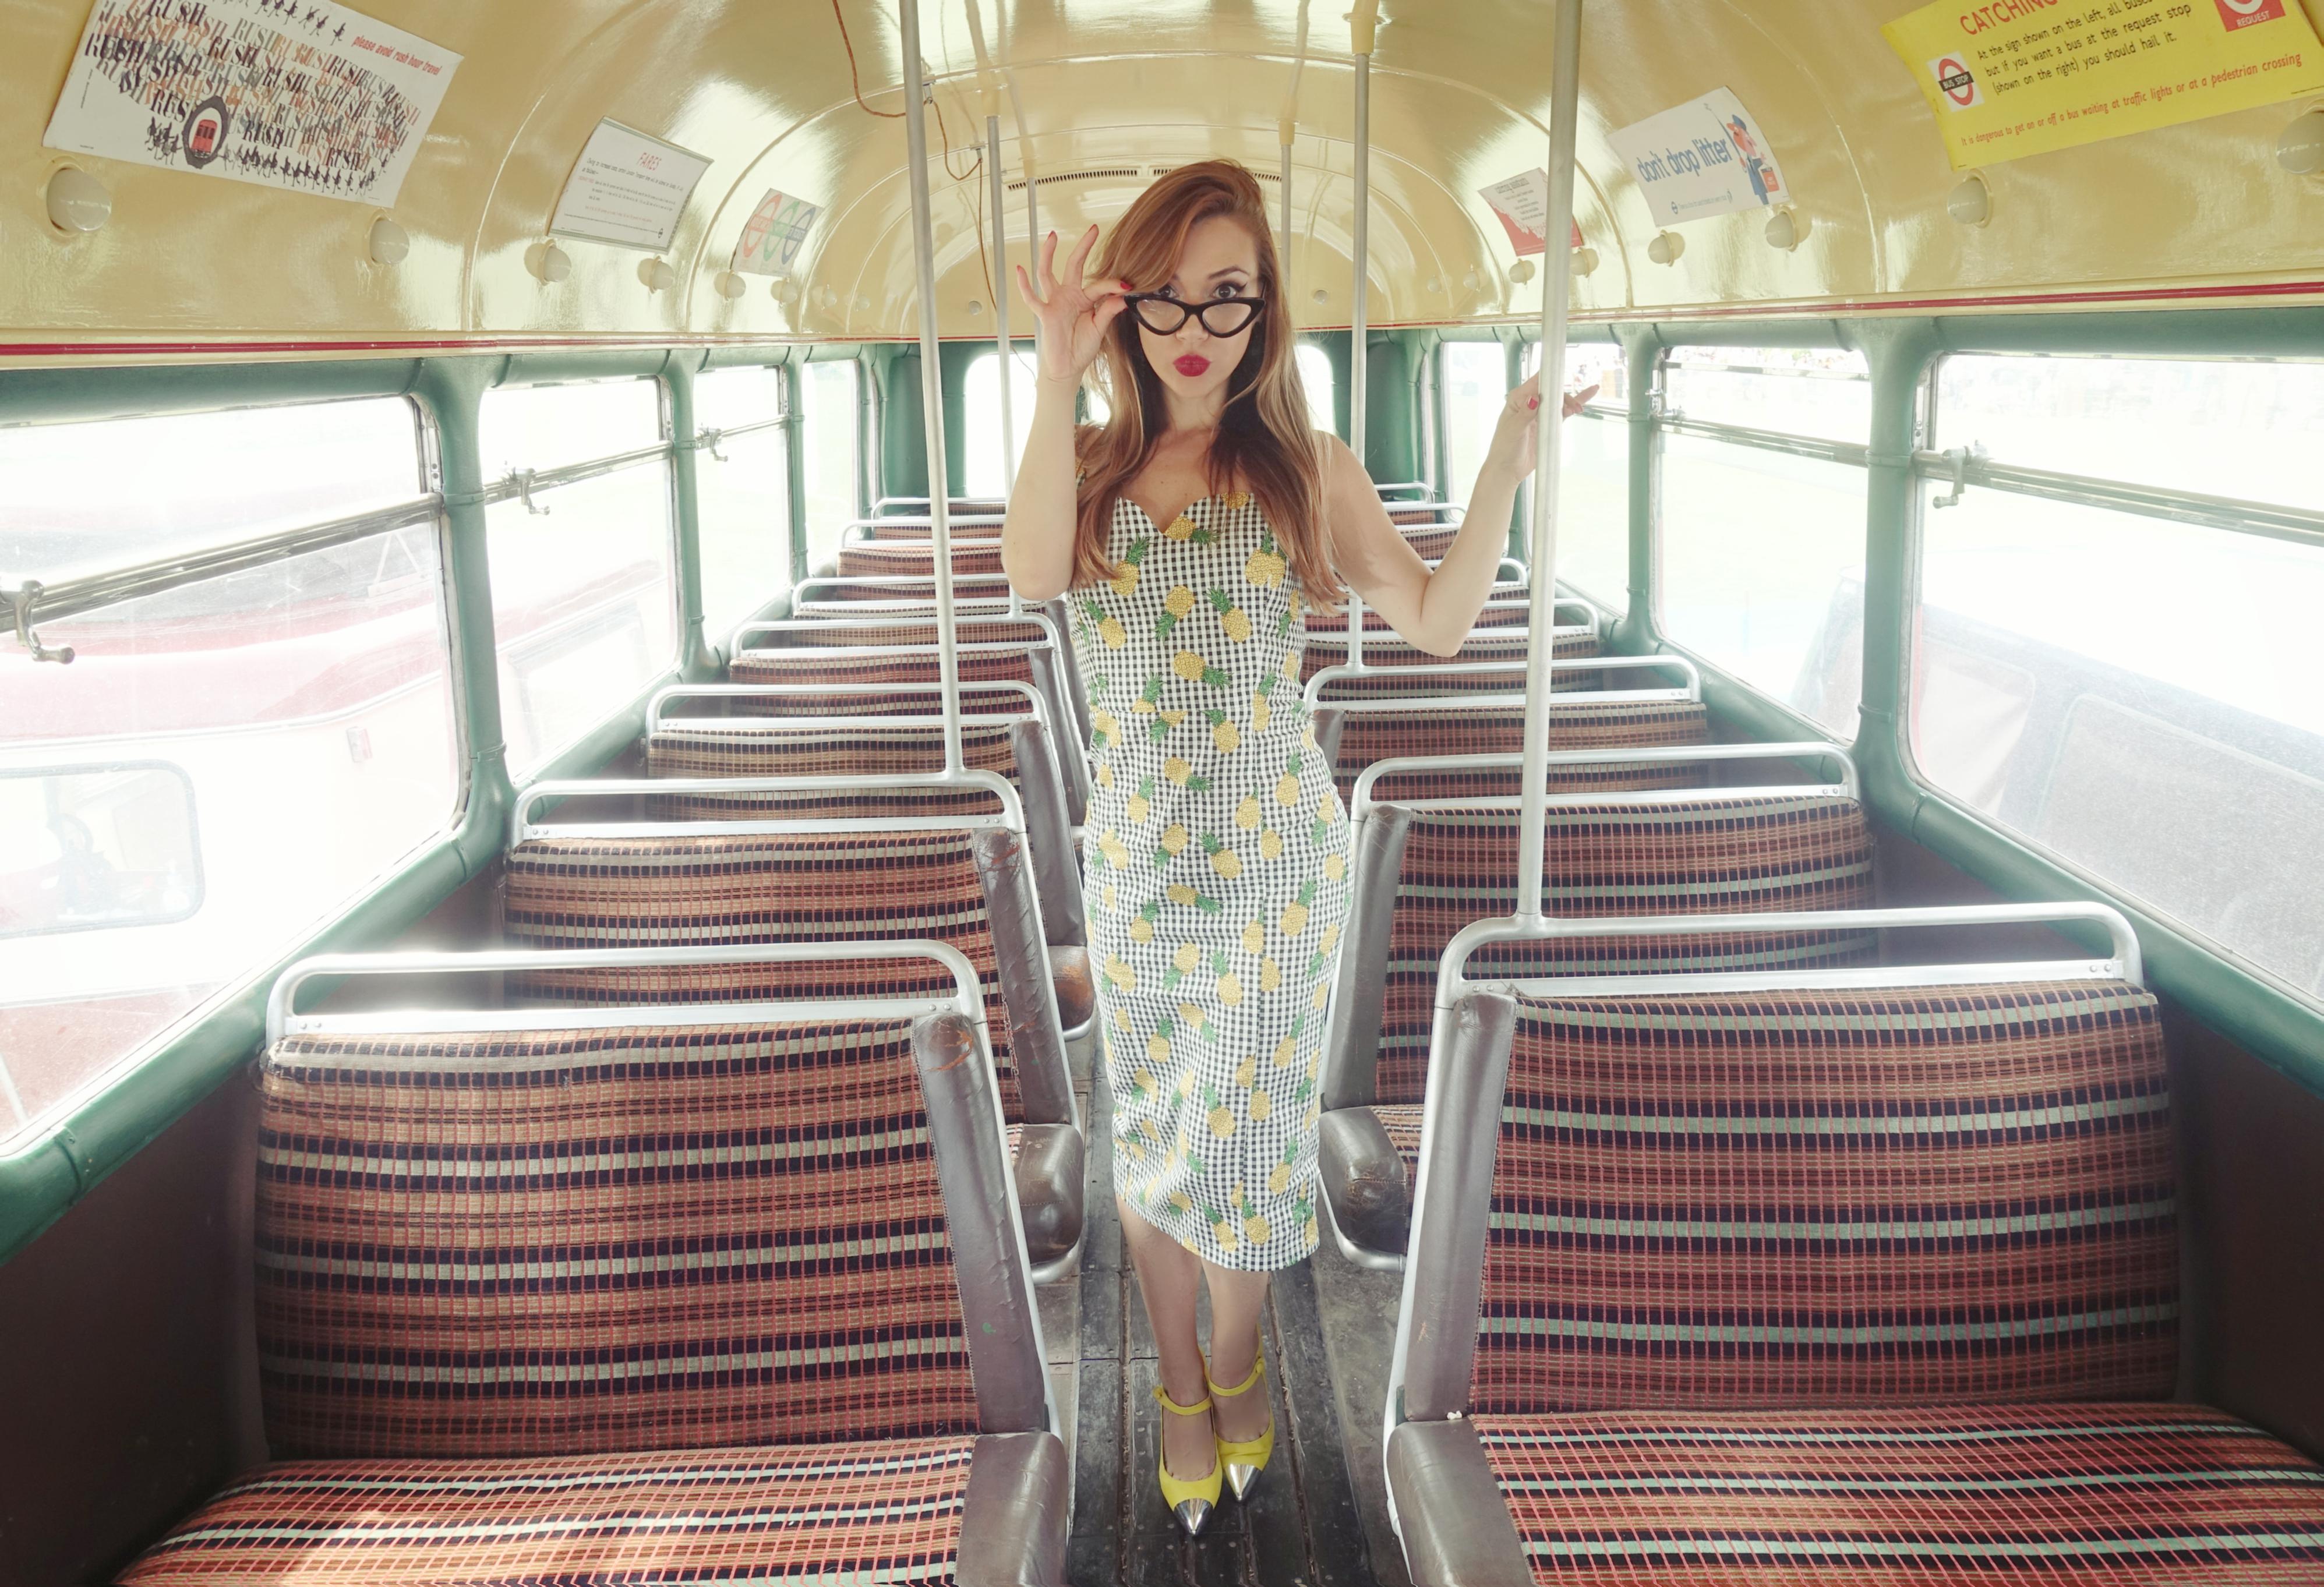 Retro-style-collectif-dress-chicadicta-blog-de-moda-PiensaenChic-influencer-travel-fashion-Chic-adicta-vestido-estampado-de-pinas-Piensa-en-Chic